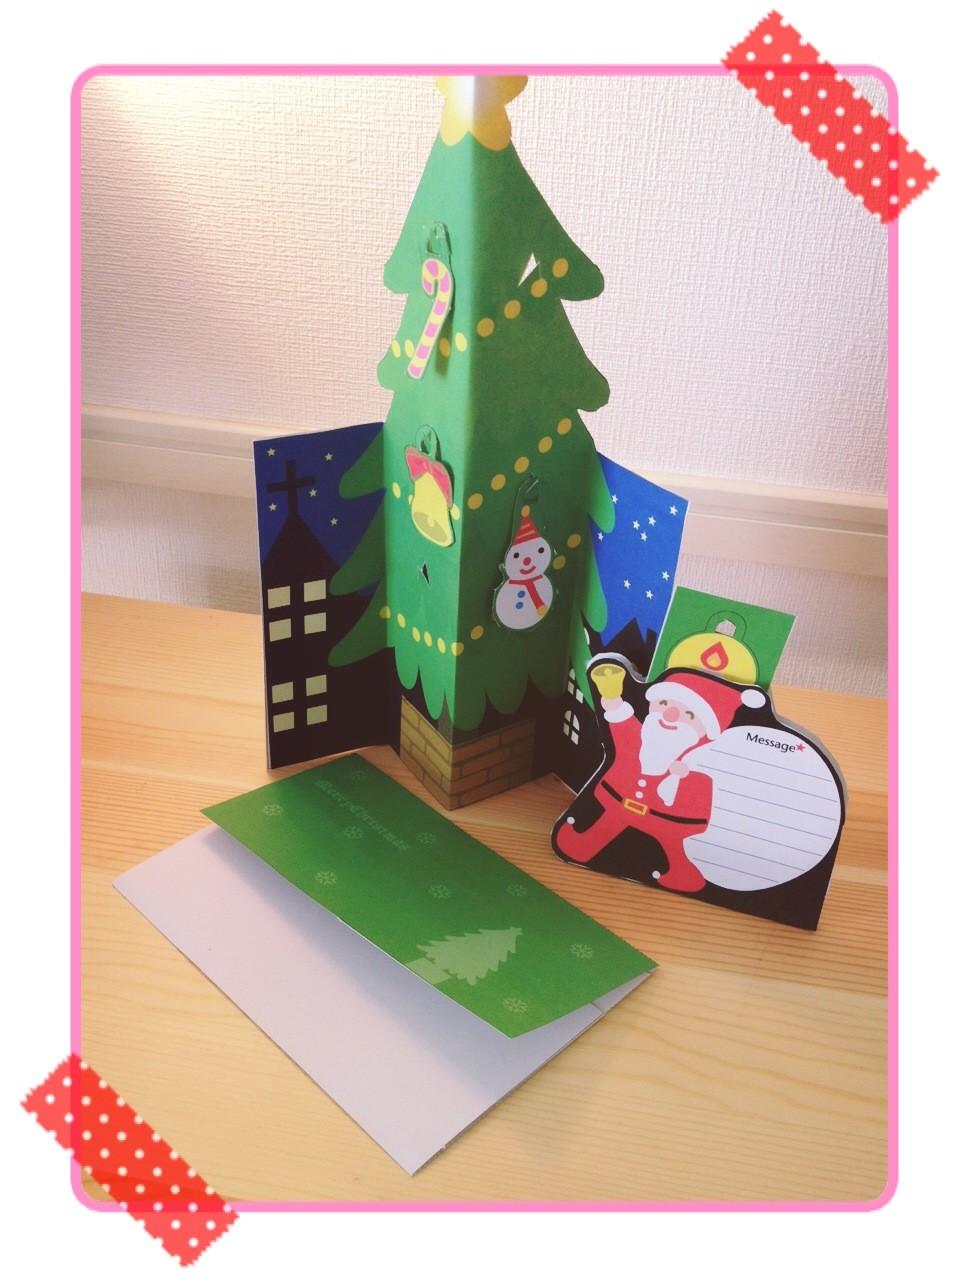 クリスマスカードをつくって大切な人に送ろう